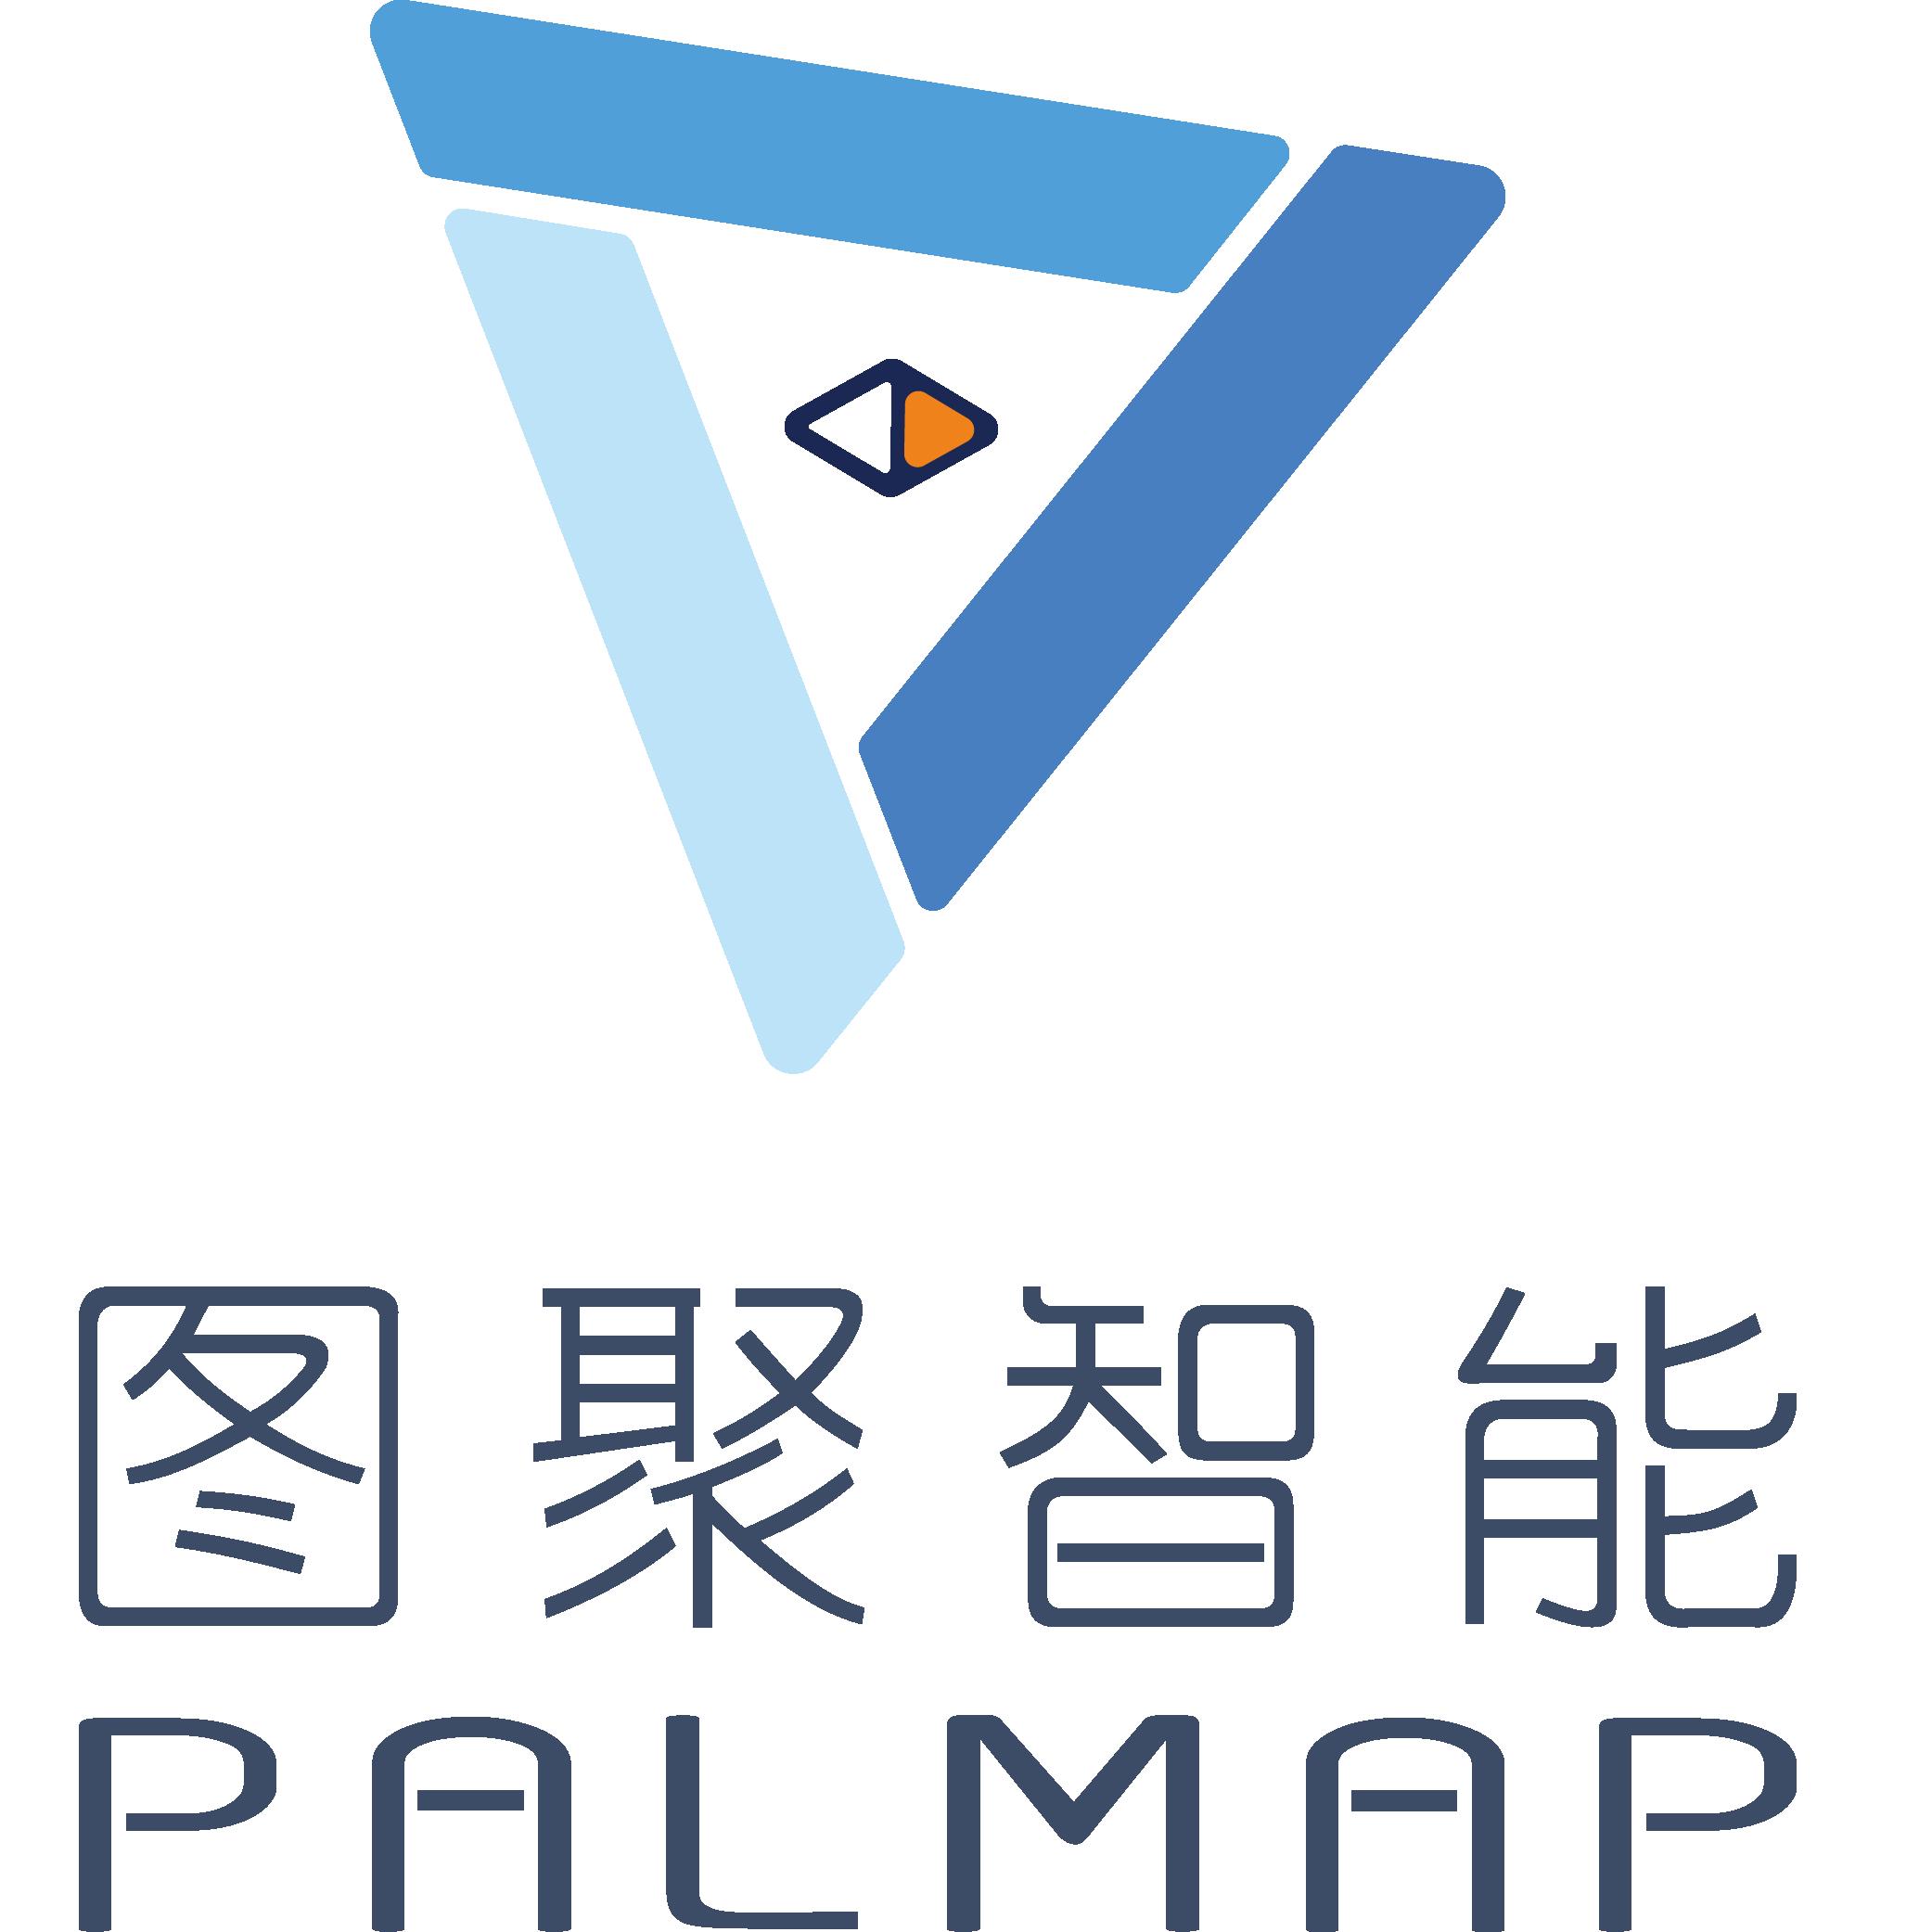 图聚智能/palmaplogo